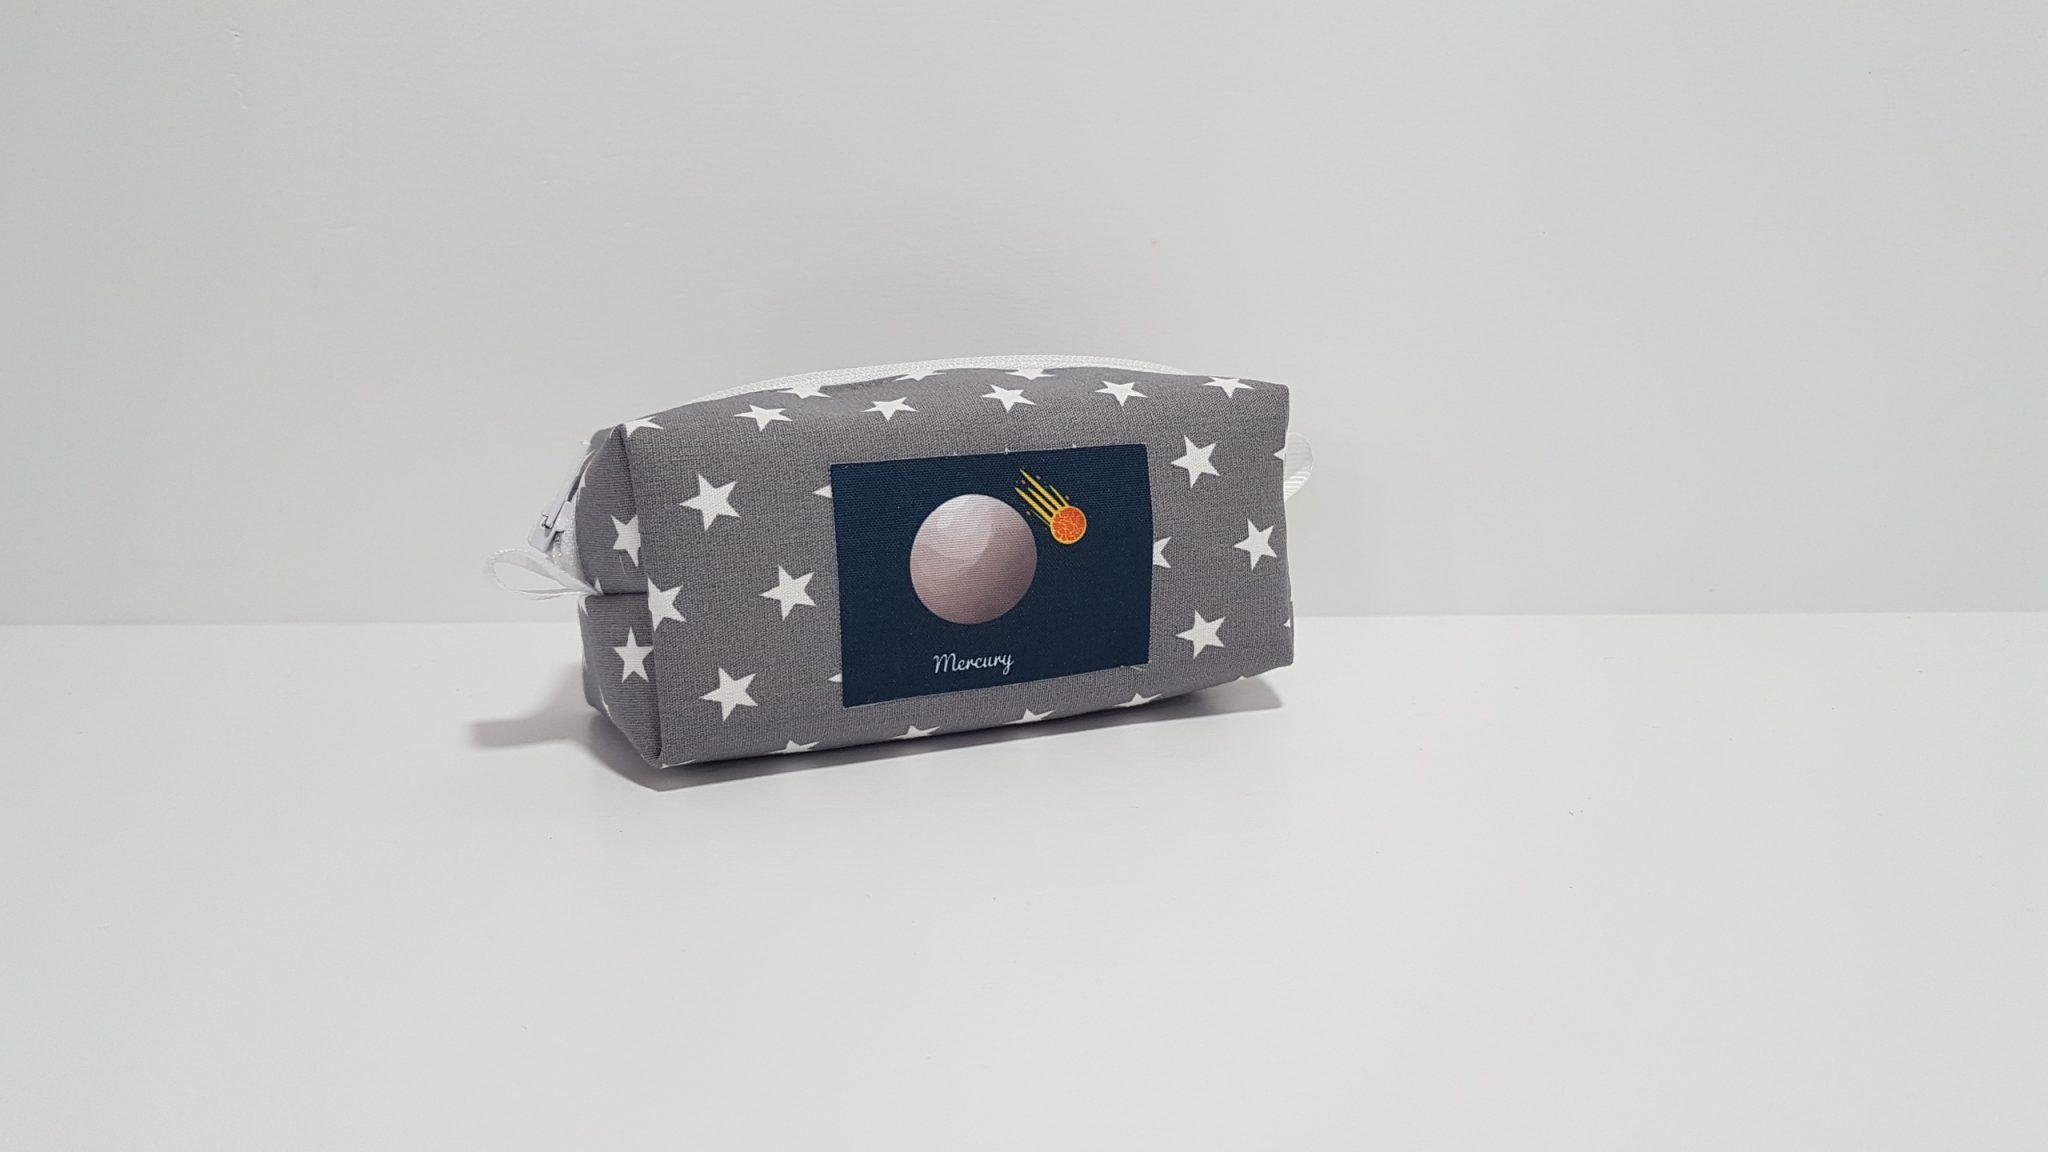 Μπομπονιέρα πορτοφολάκι 3D, ύφασμα αστέρια και απλικέ πλανήτη.